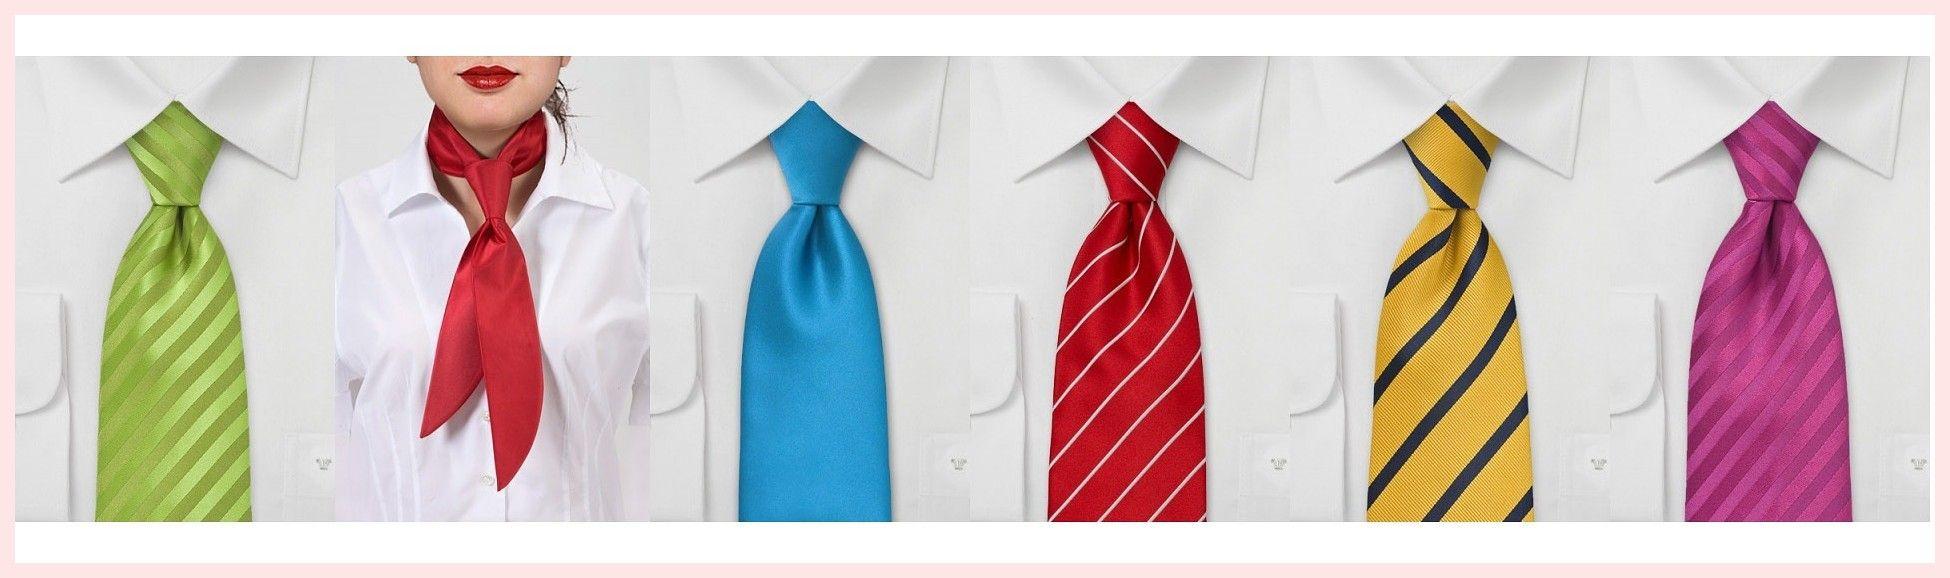 Ties Men's Clothing Tie Knot